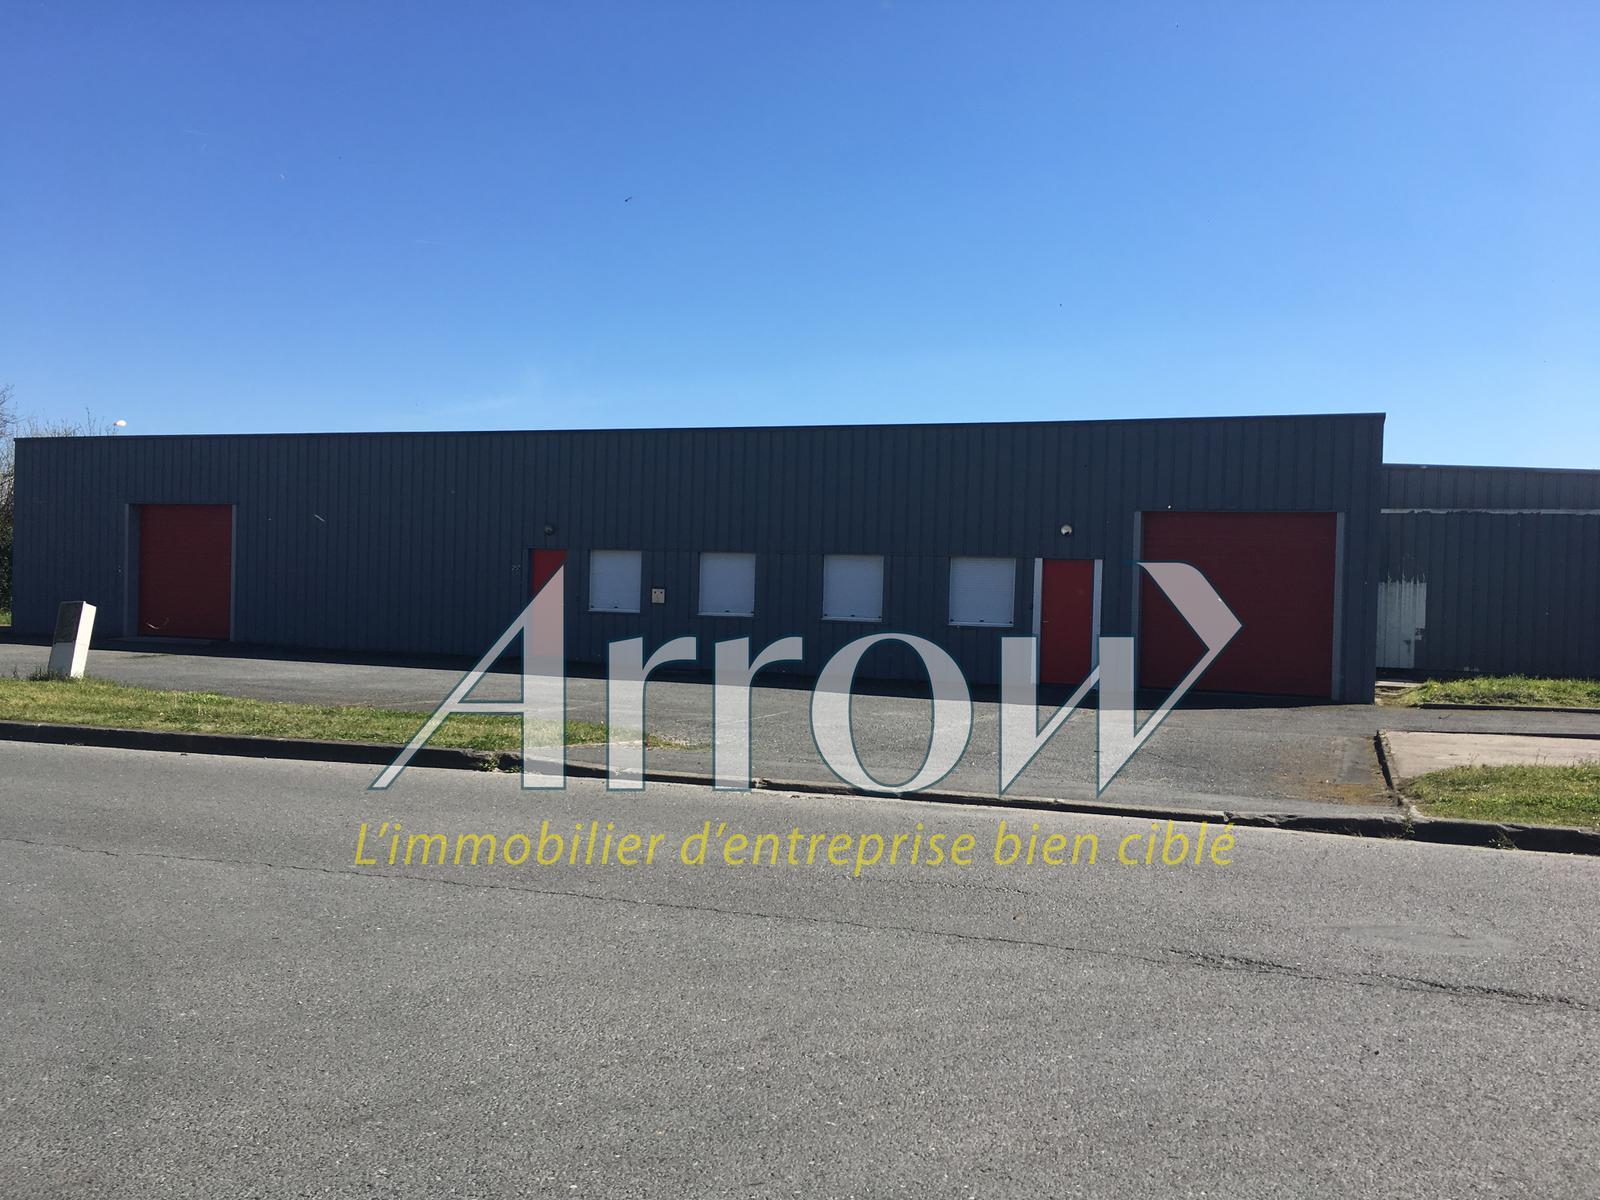 Plateforme Du Batiment Gennevilliers vente entrepôt blanquefort 33290 700m² – bureauxlocaux